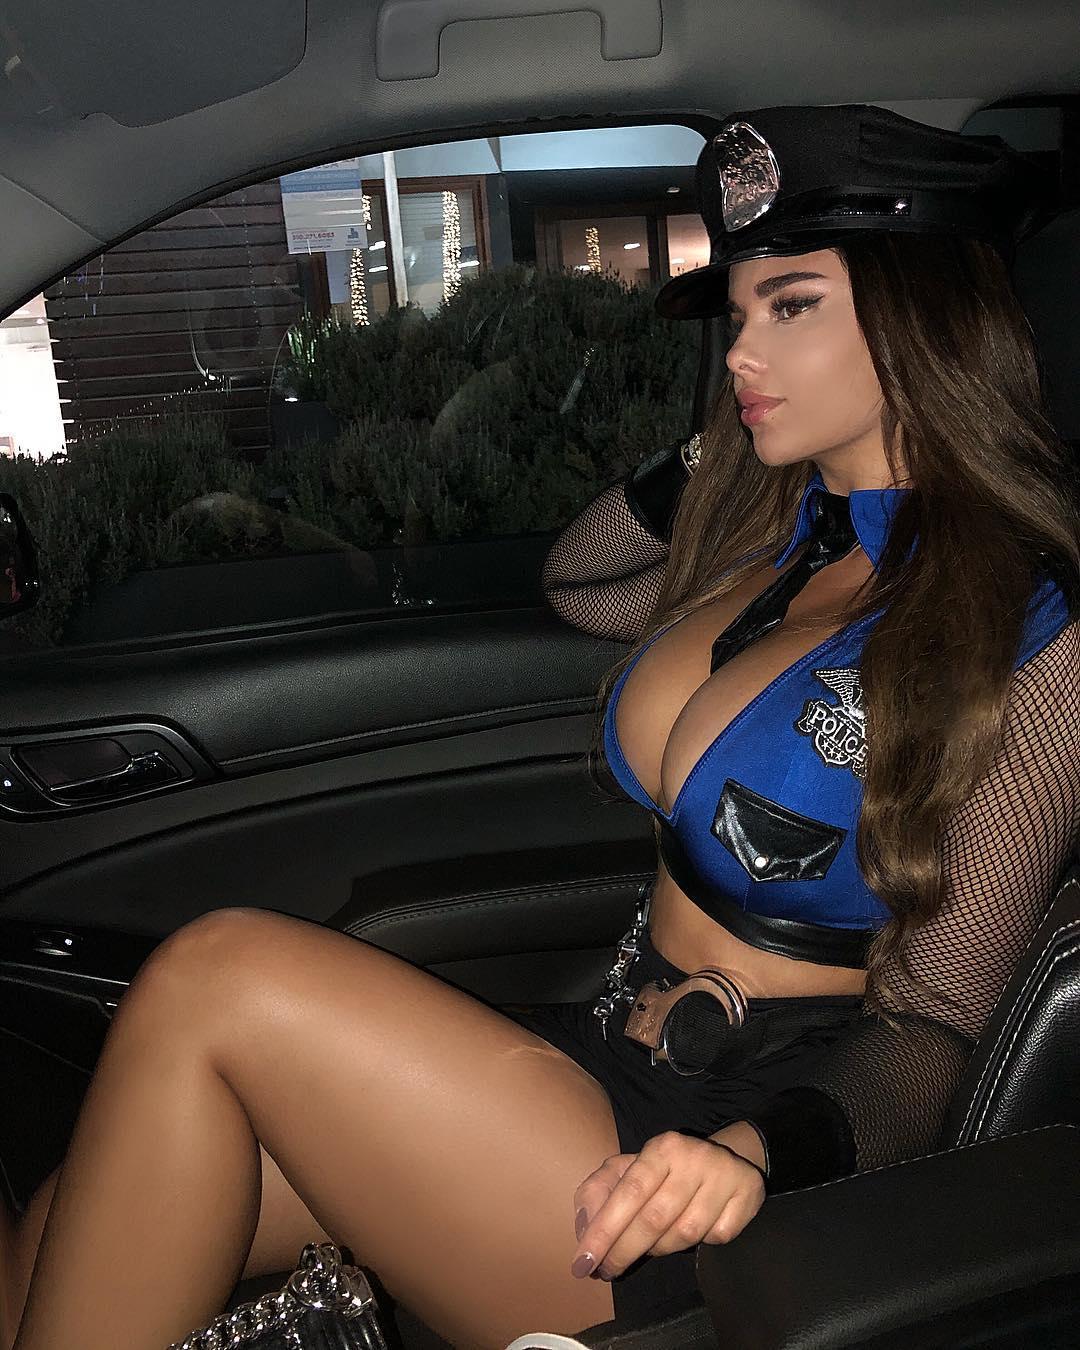 Анастасия Квитко фото в полицейской форме